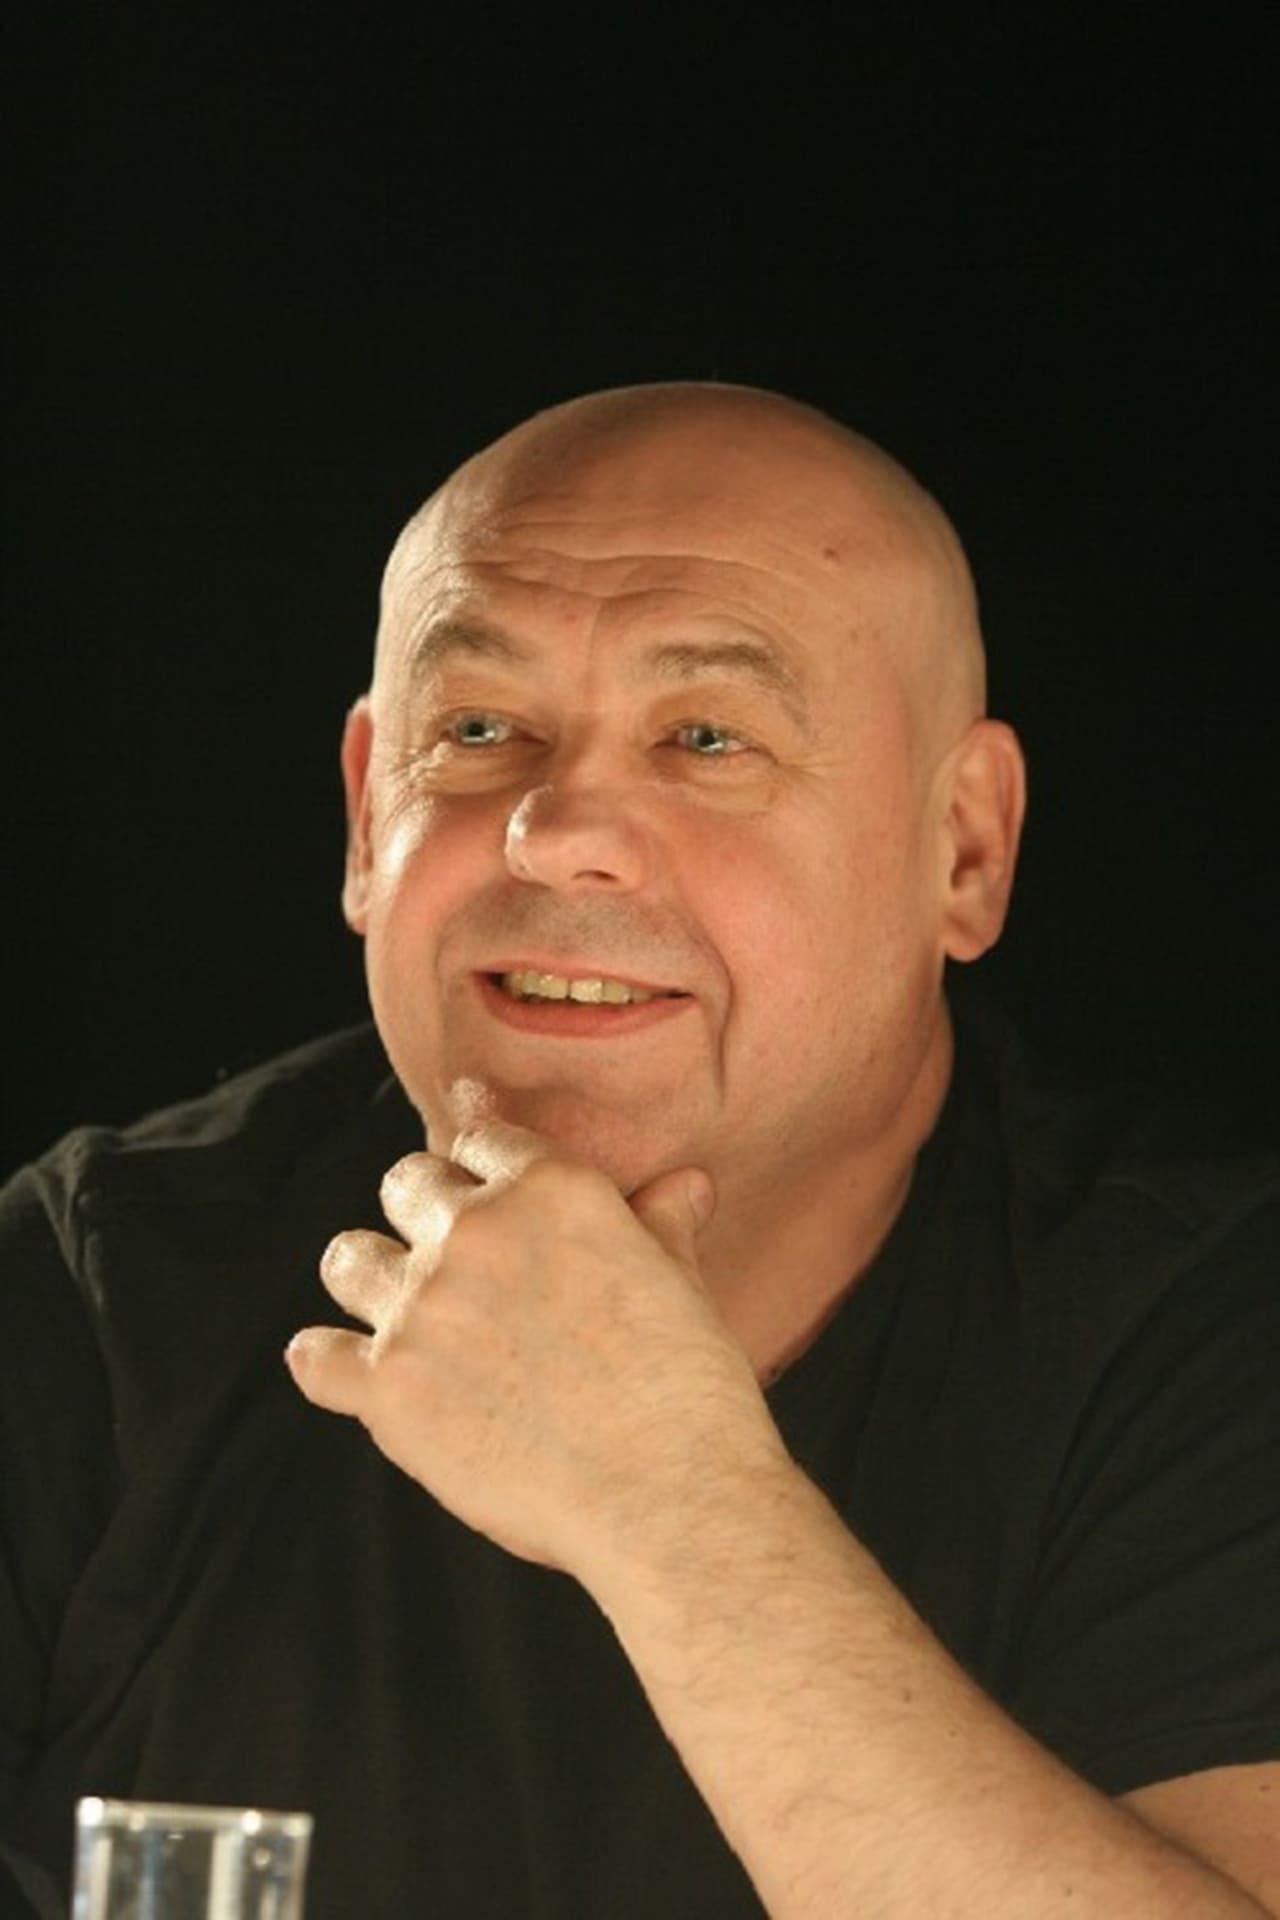 Viktor Solovyov